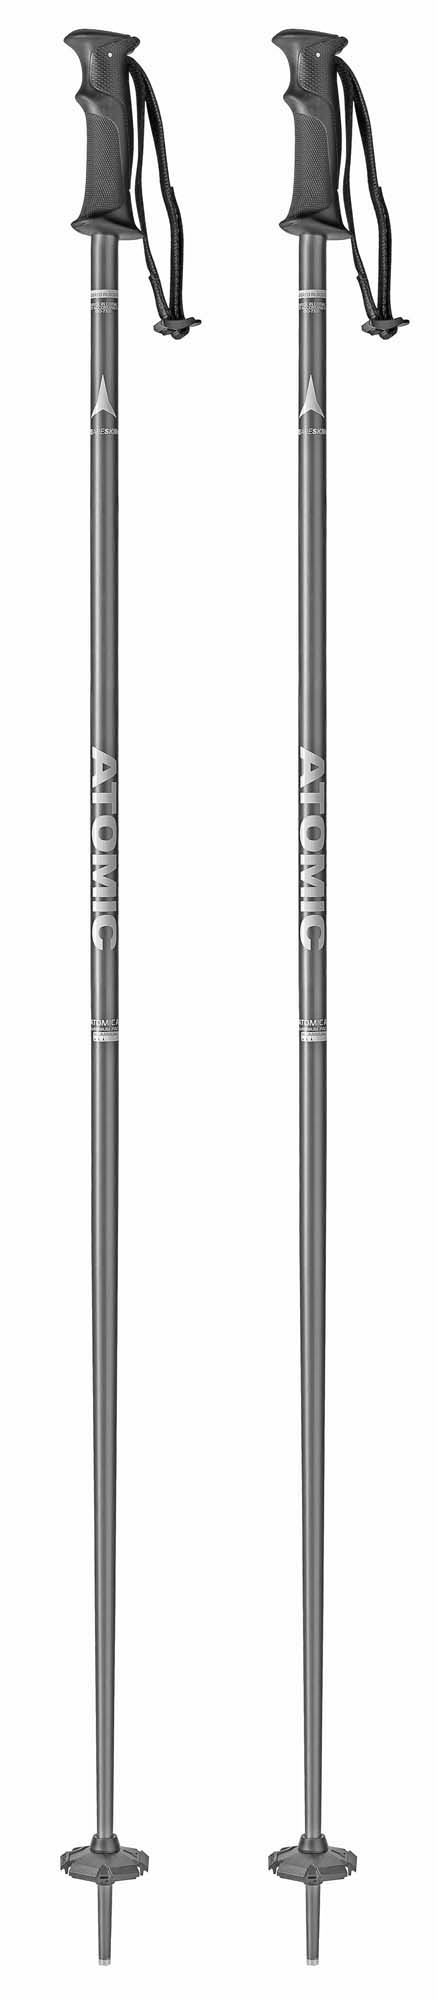 Atomic 2018 AMT Blk/Wht Ski Poles NEW !! 120,135cm